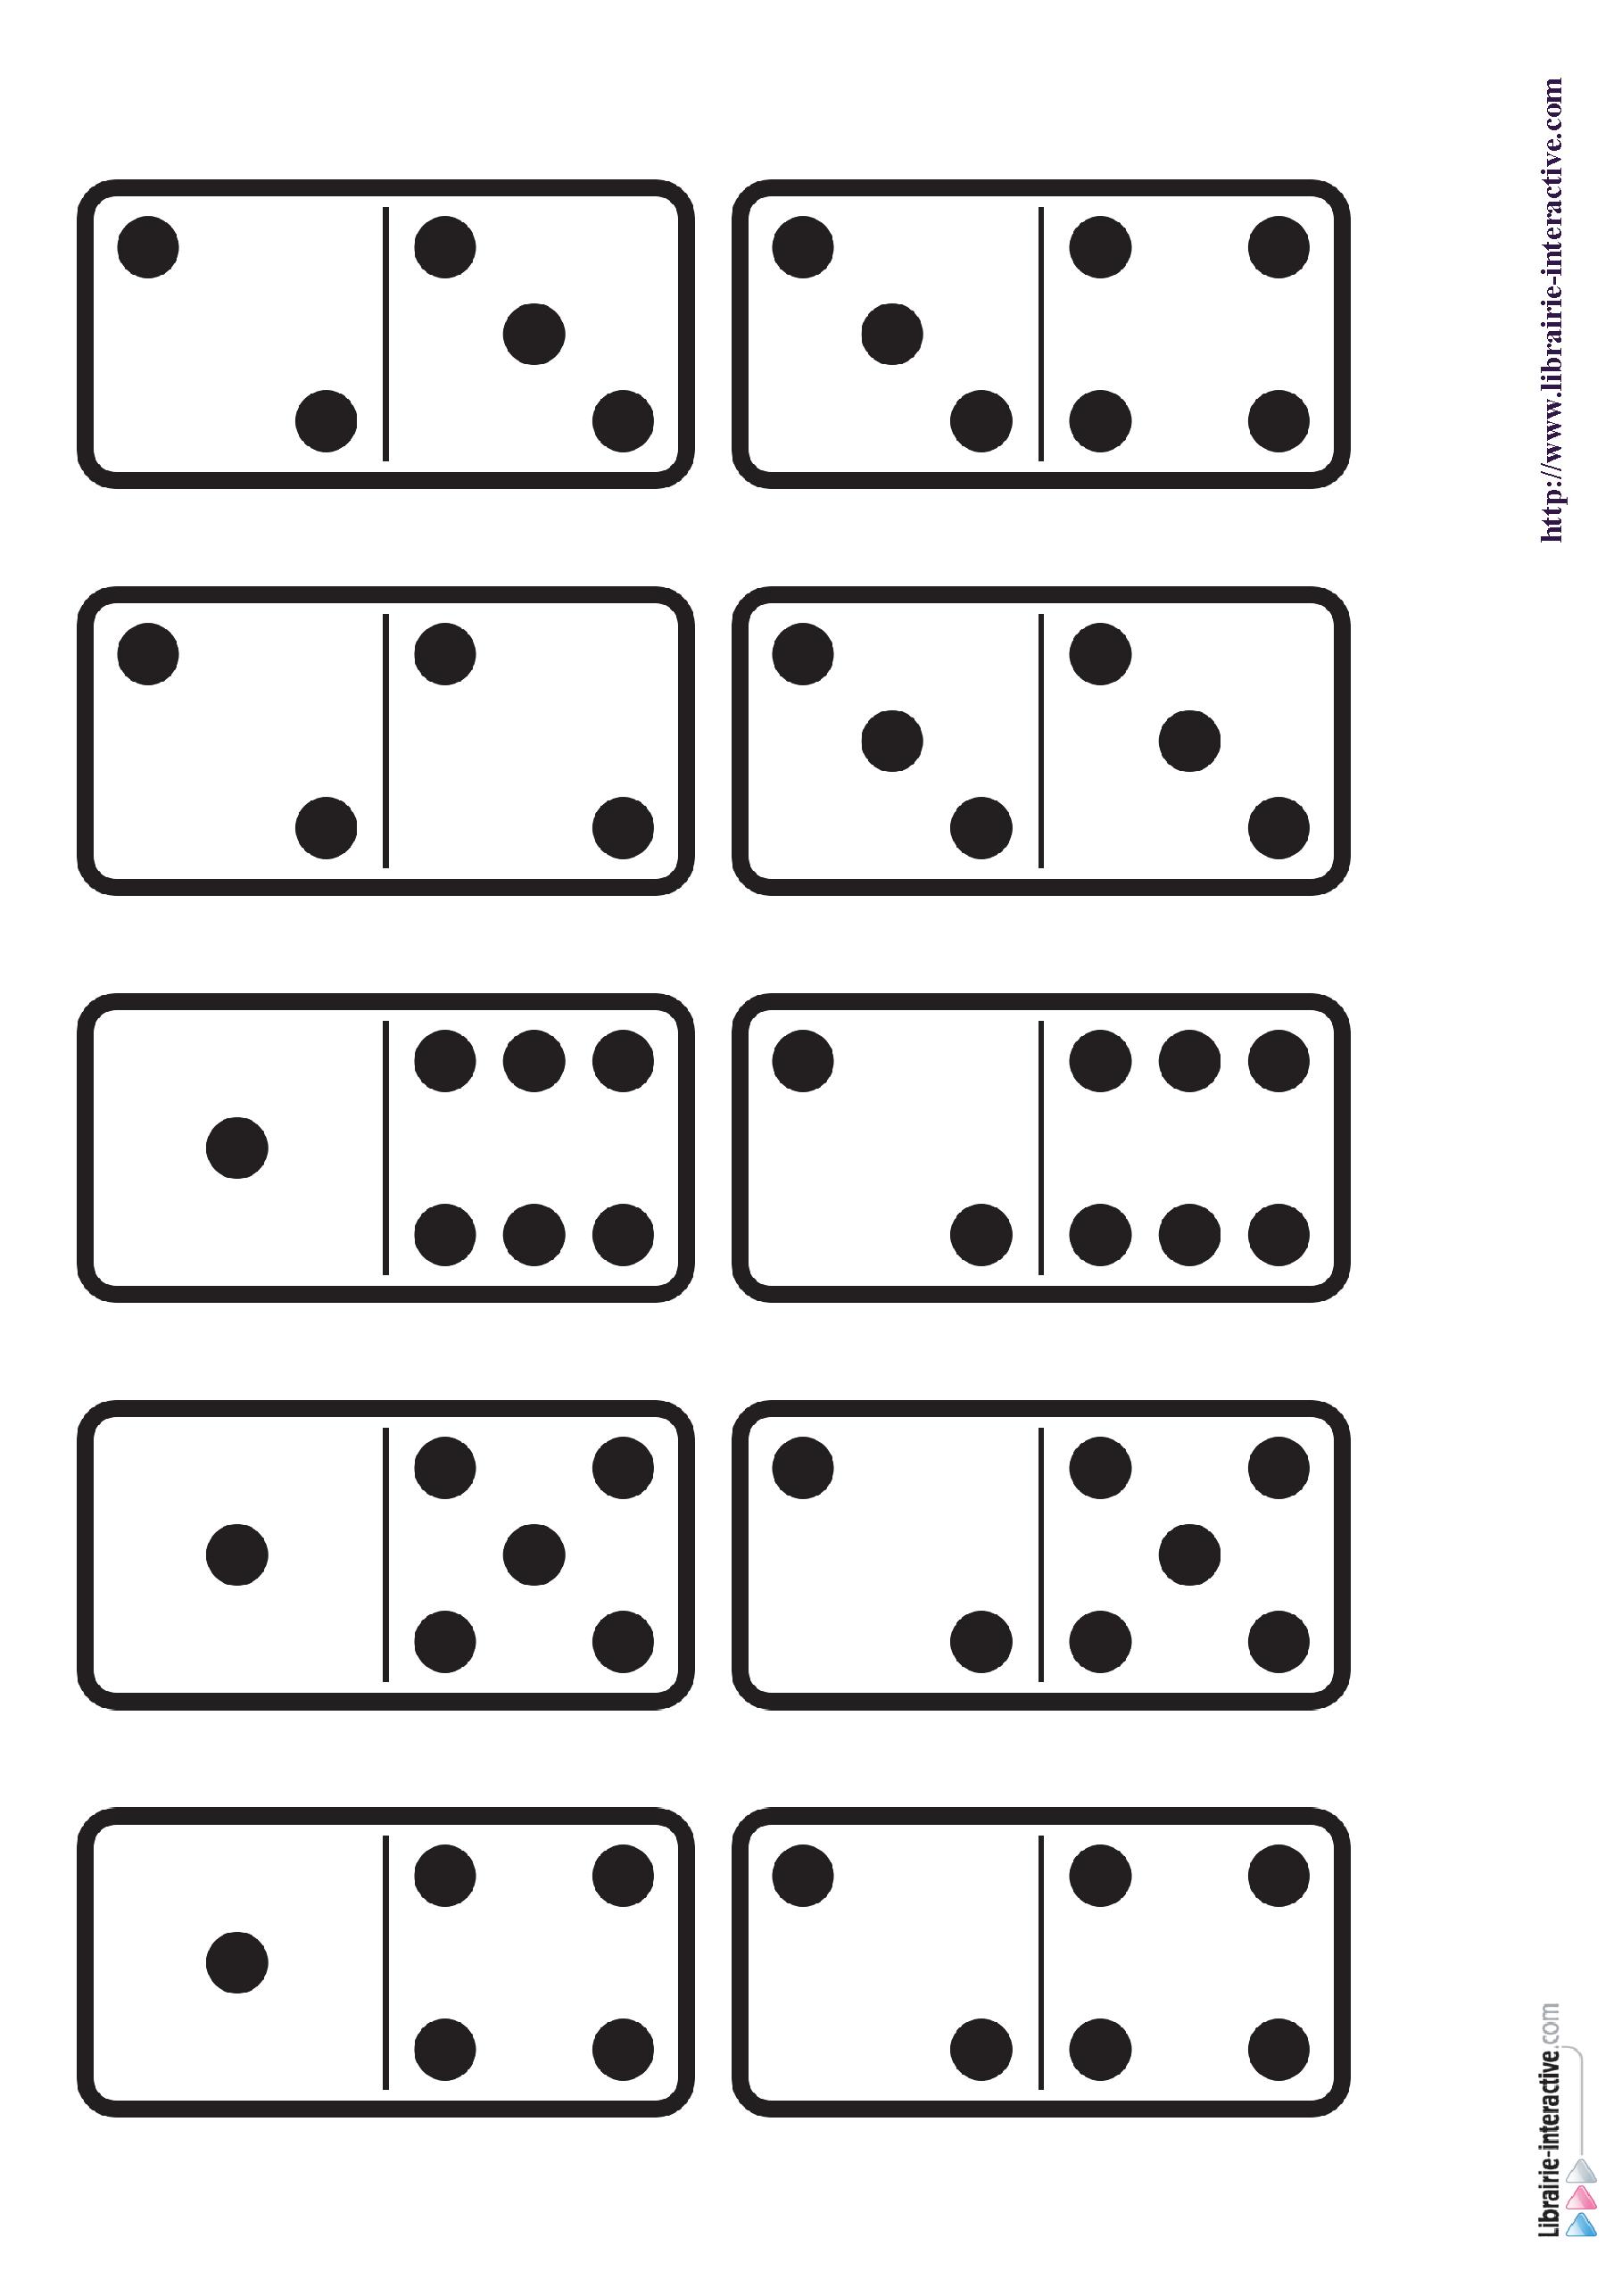 29 Images Des Dominos Des Chiffres De 1 A 6 Ainsi Qu Une Planche A